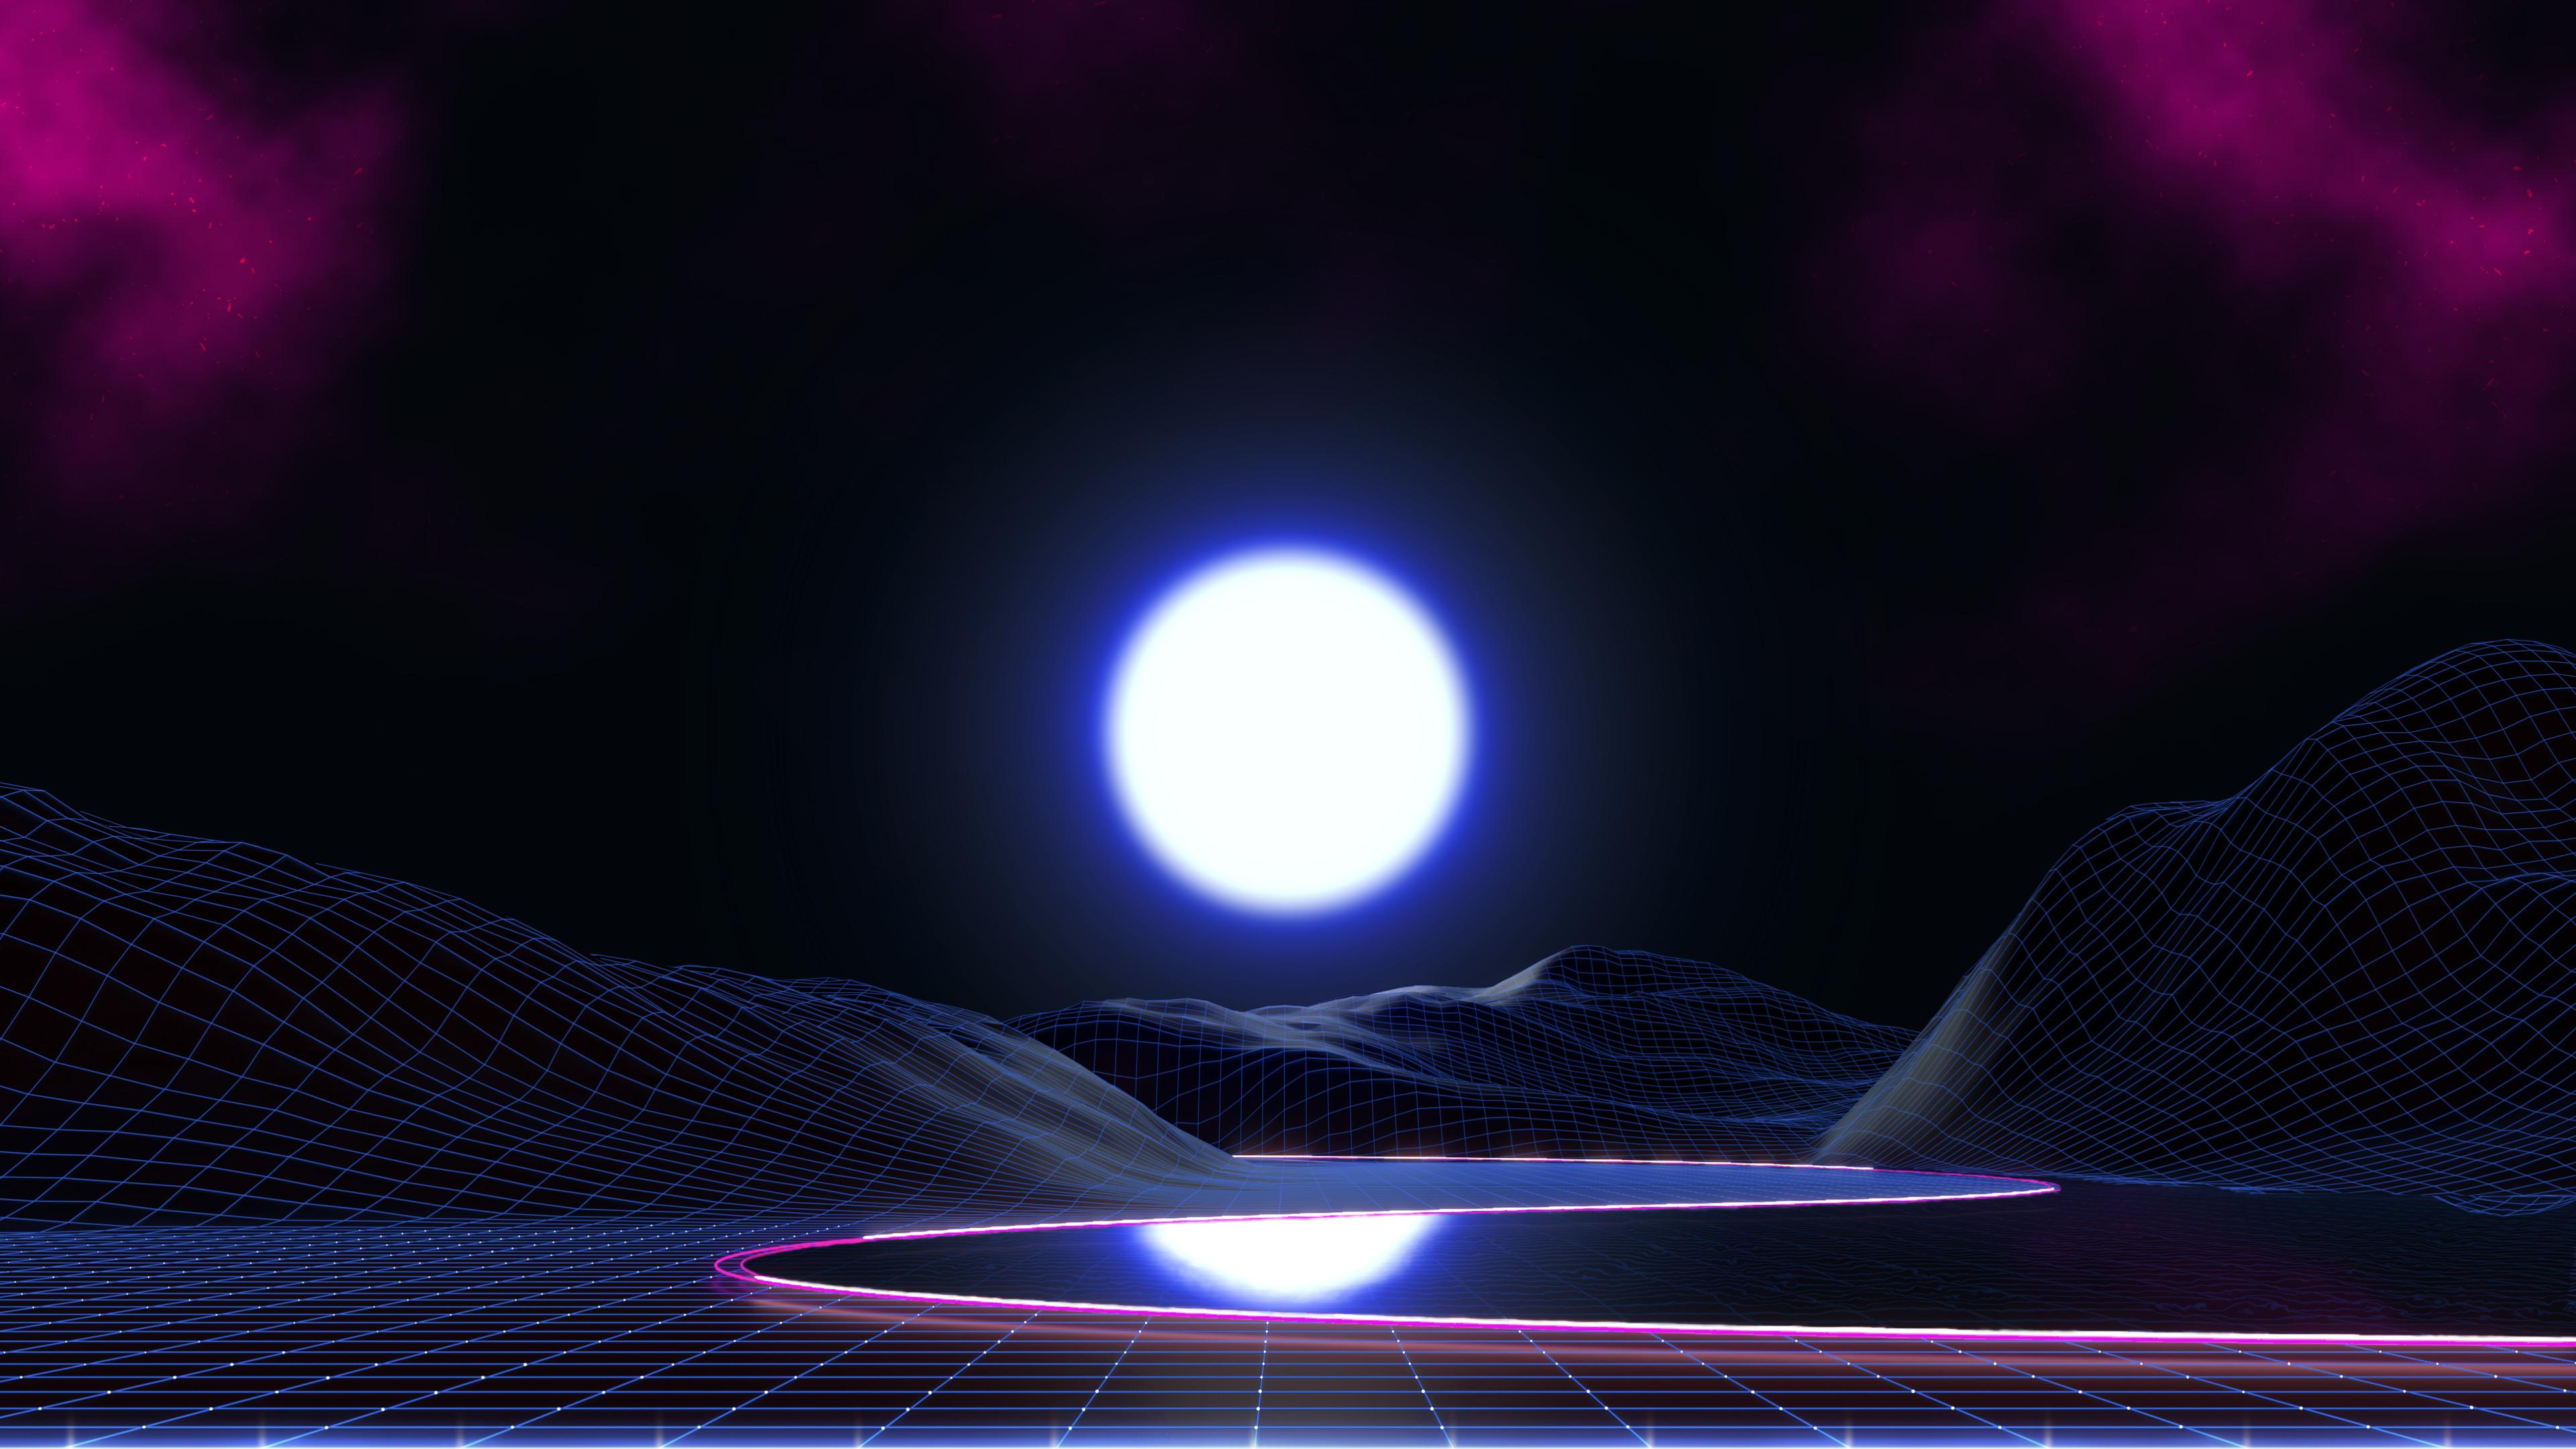 [4K] NightSky V.1